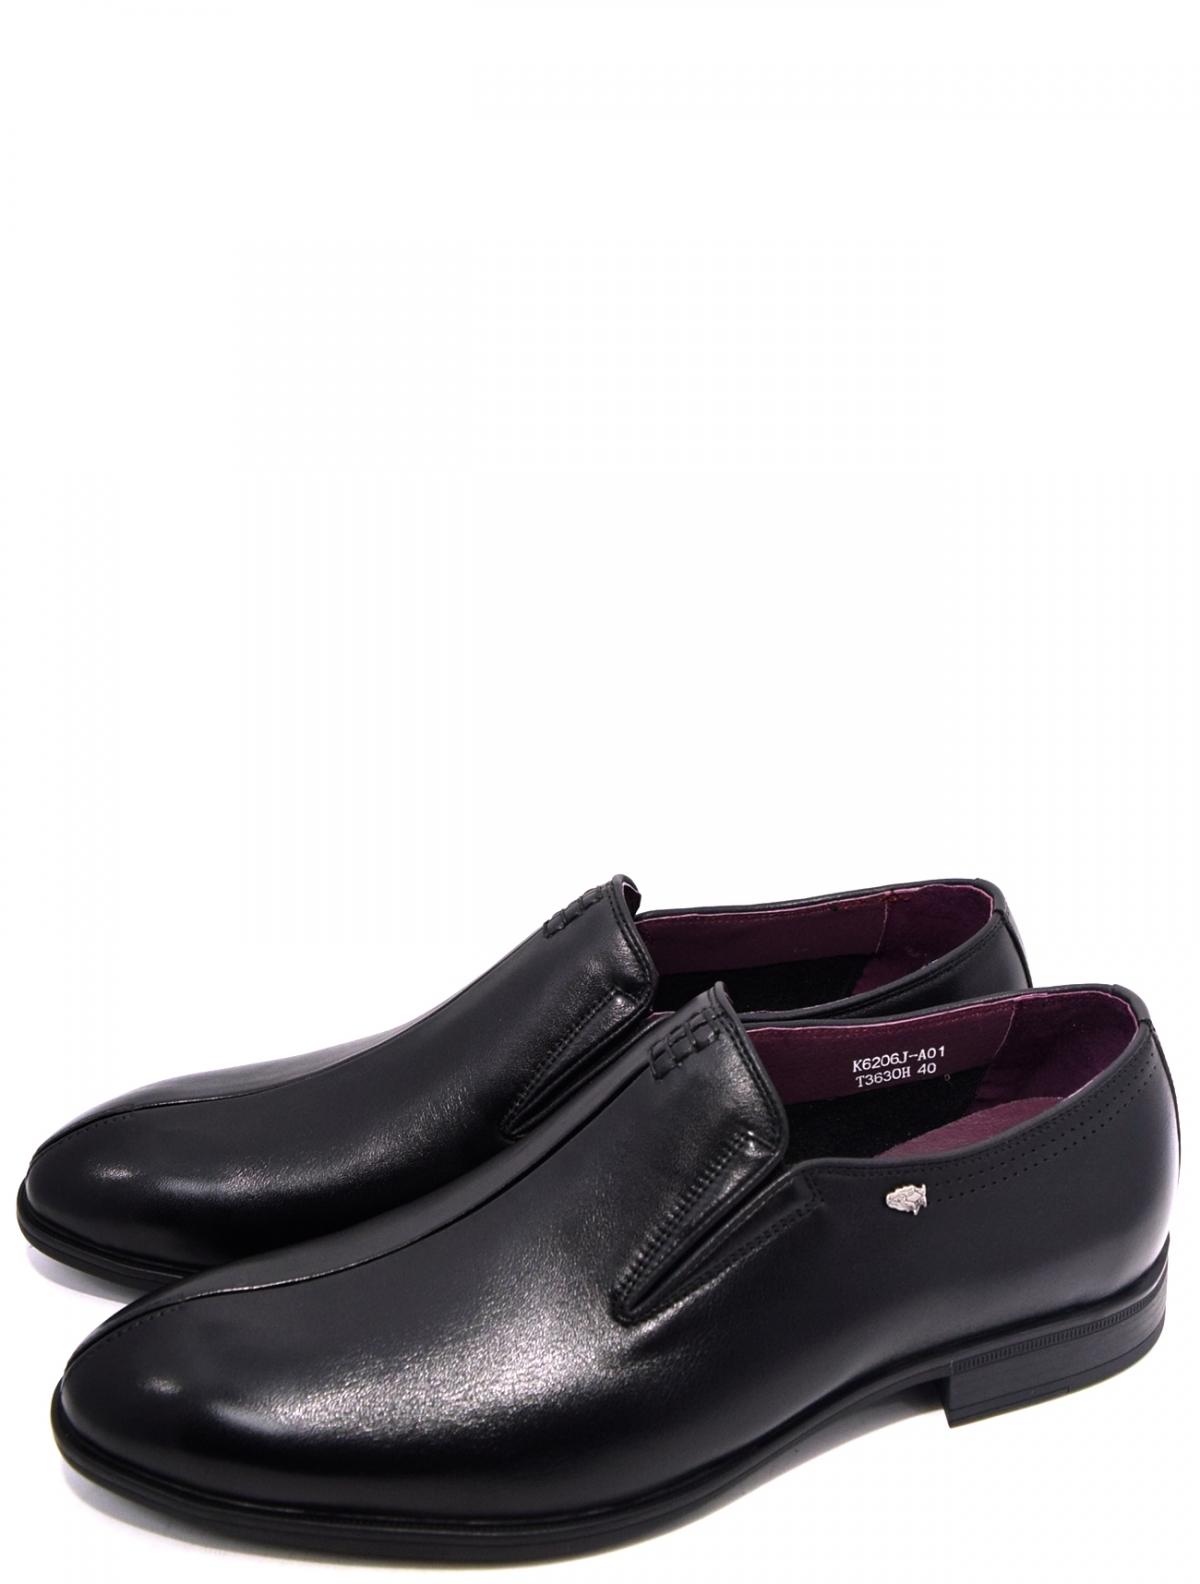 Roscote K6206J-A01T3630H мужские туфли